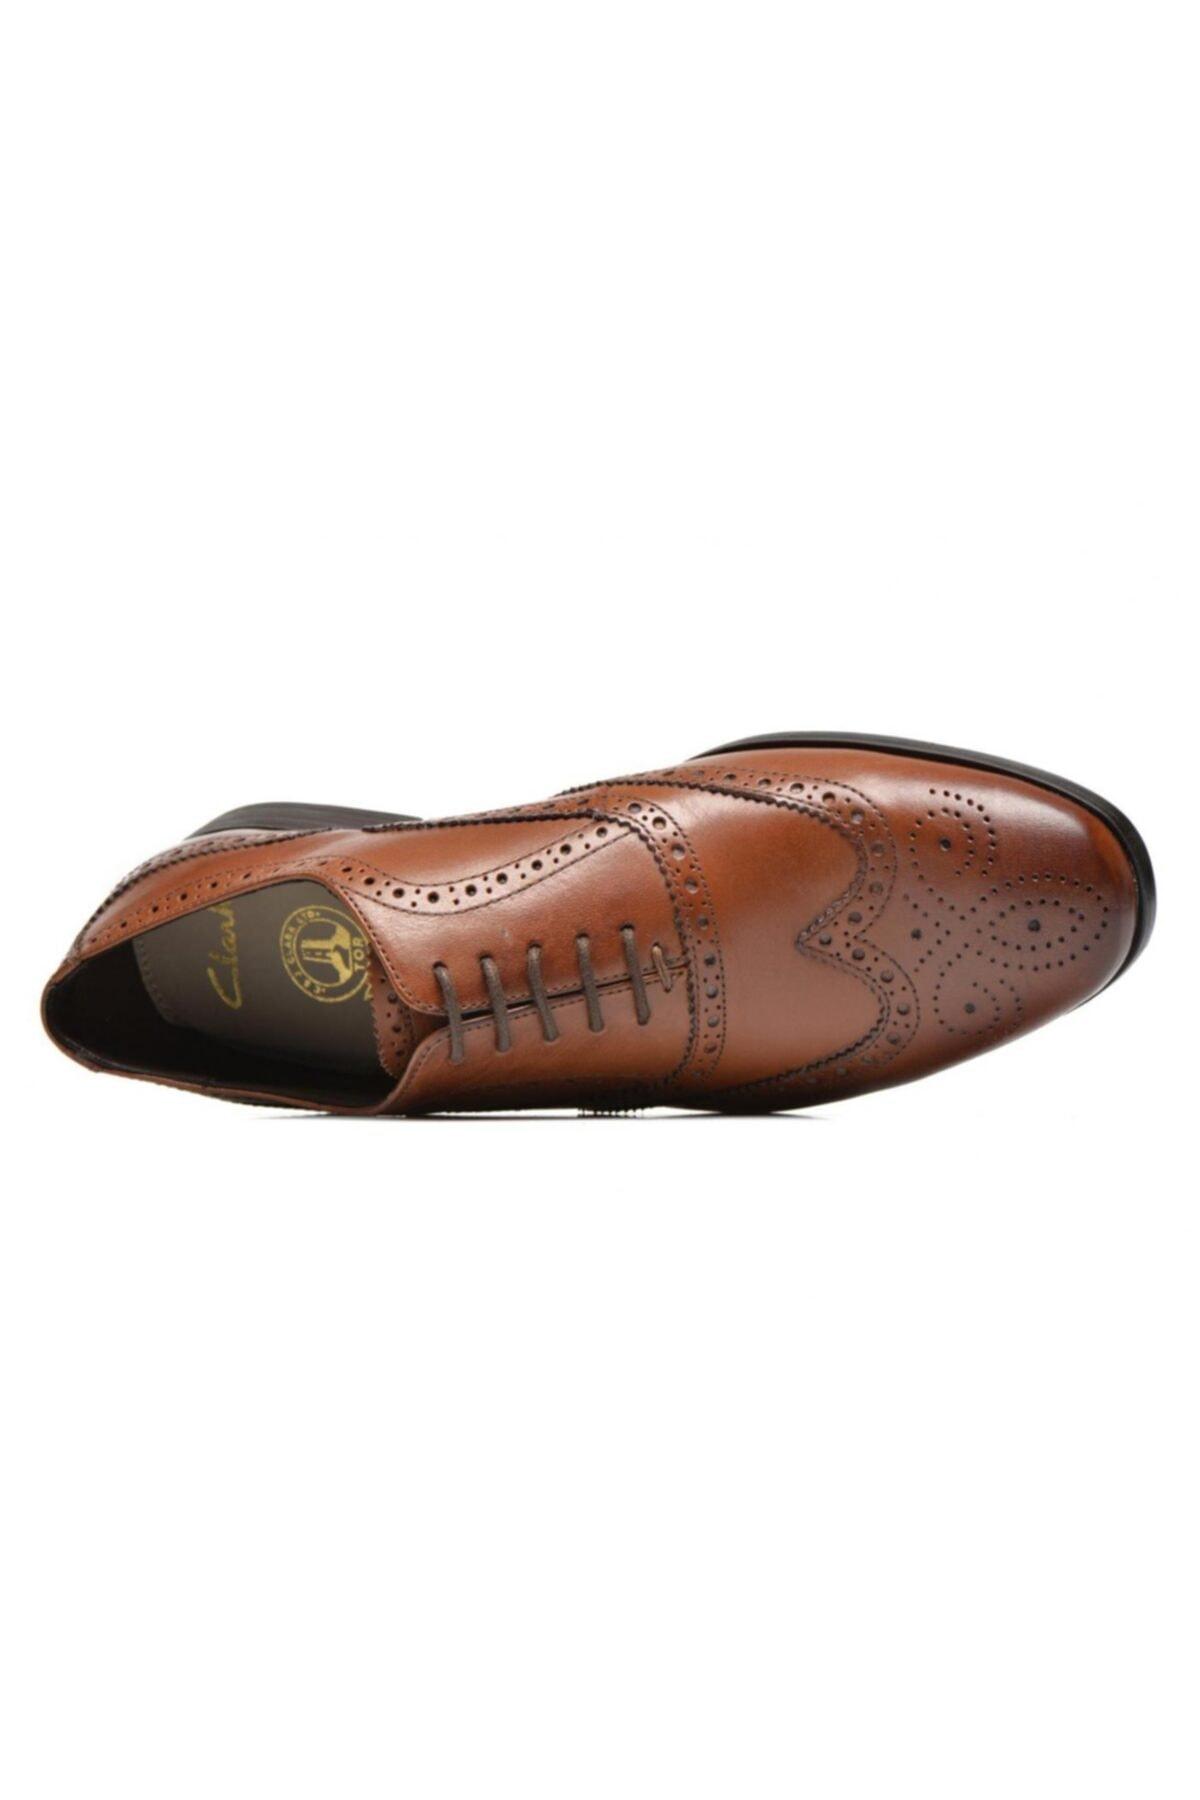 CLARKS Erkek Klasik Ayakkabı 2